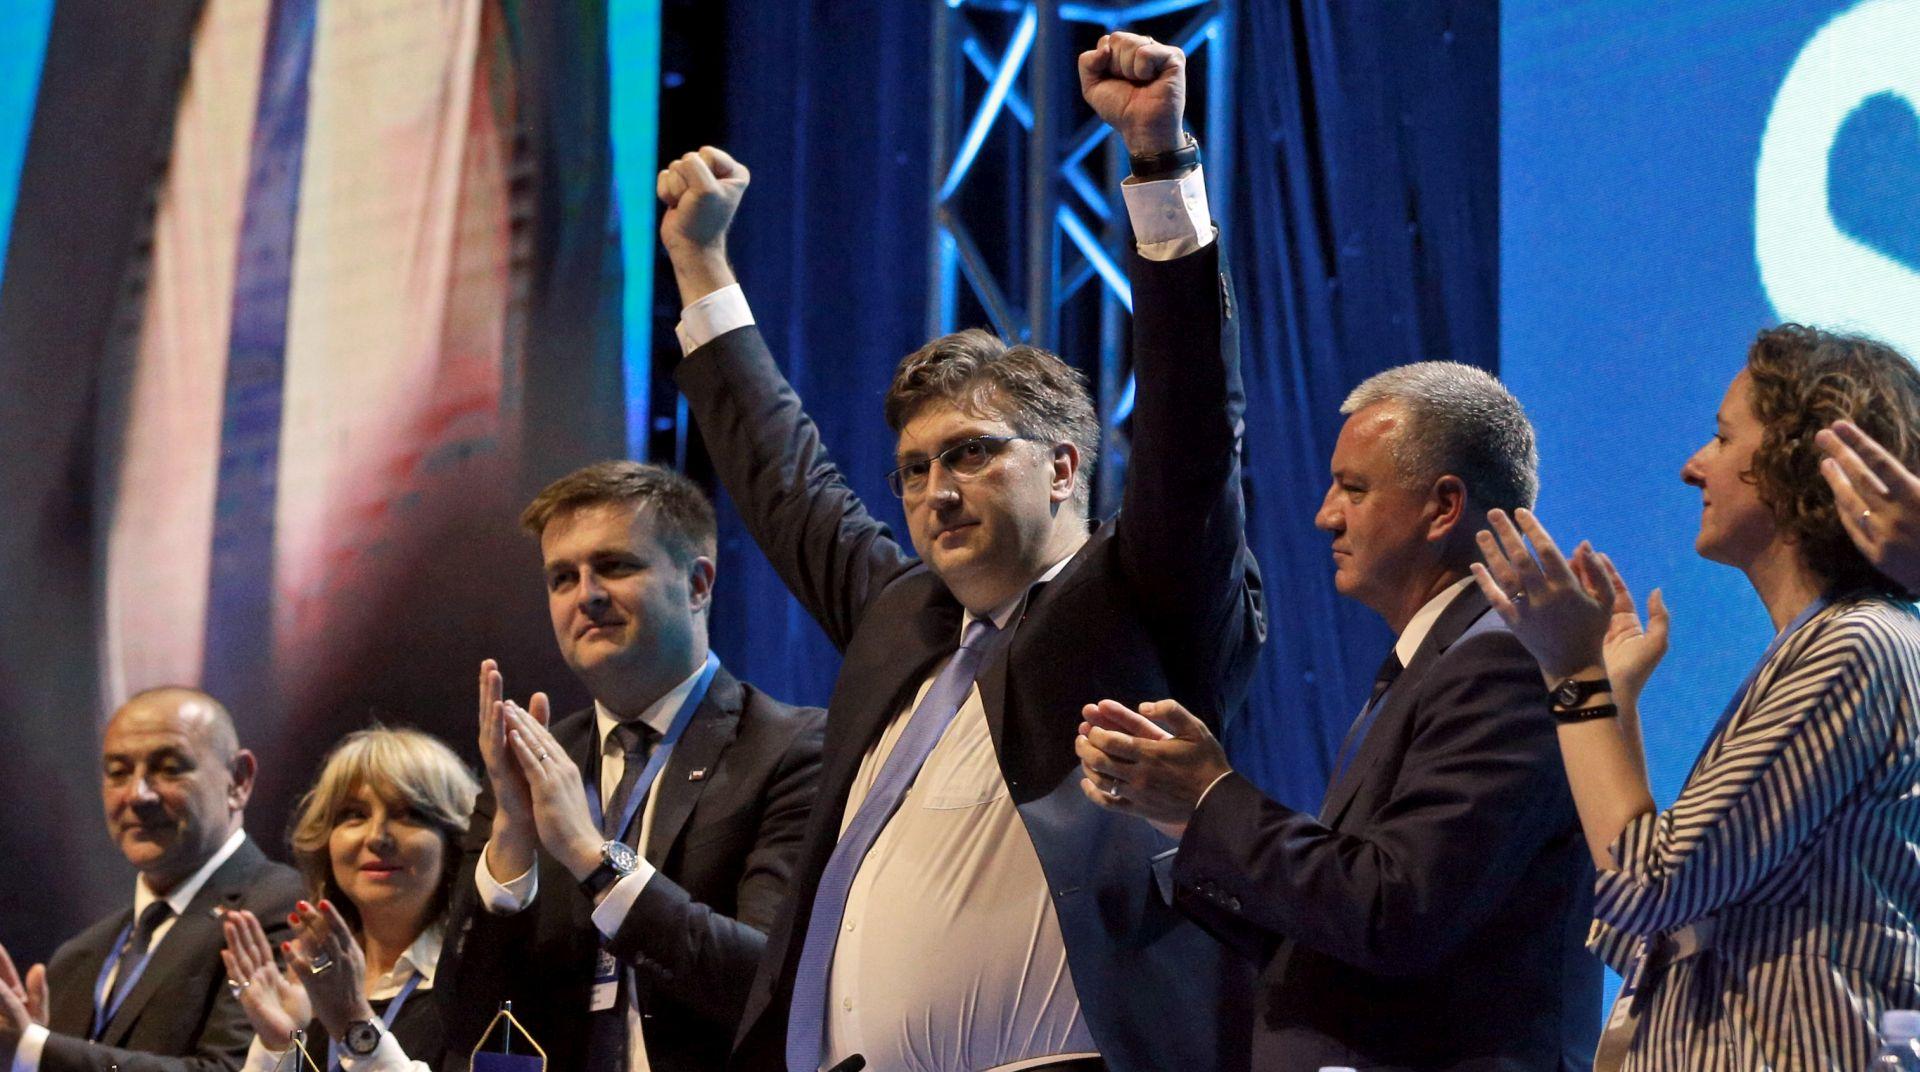 HDZ se oporavio, SDP stabilan, Živi zid ne raste